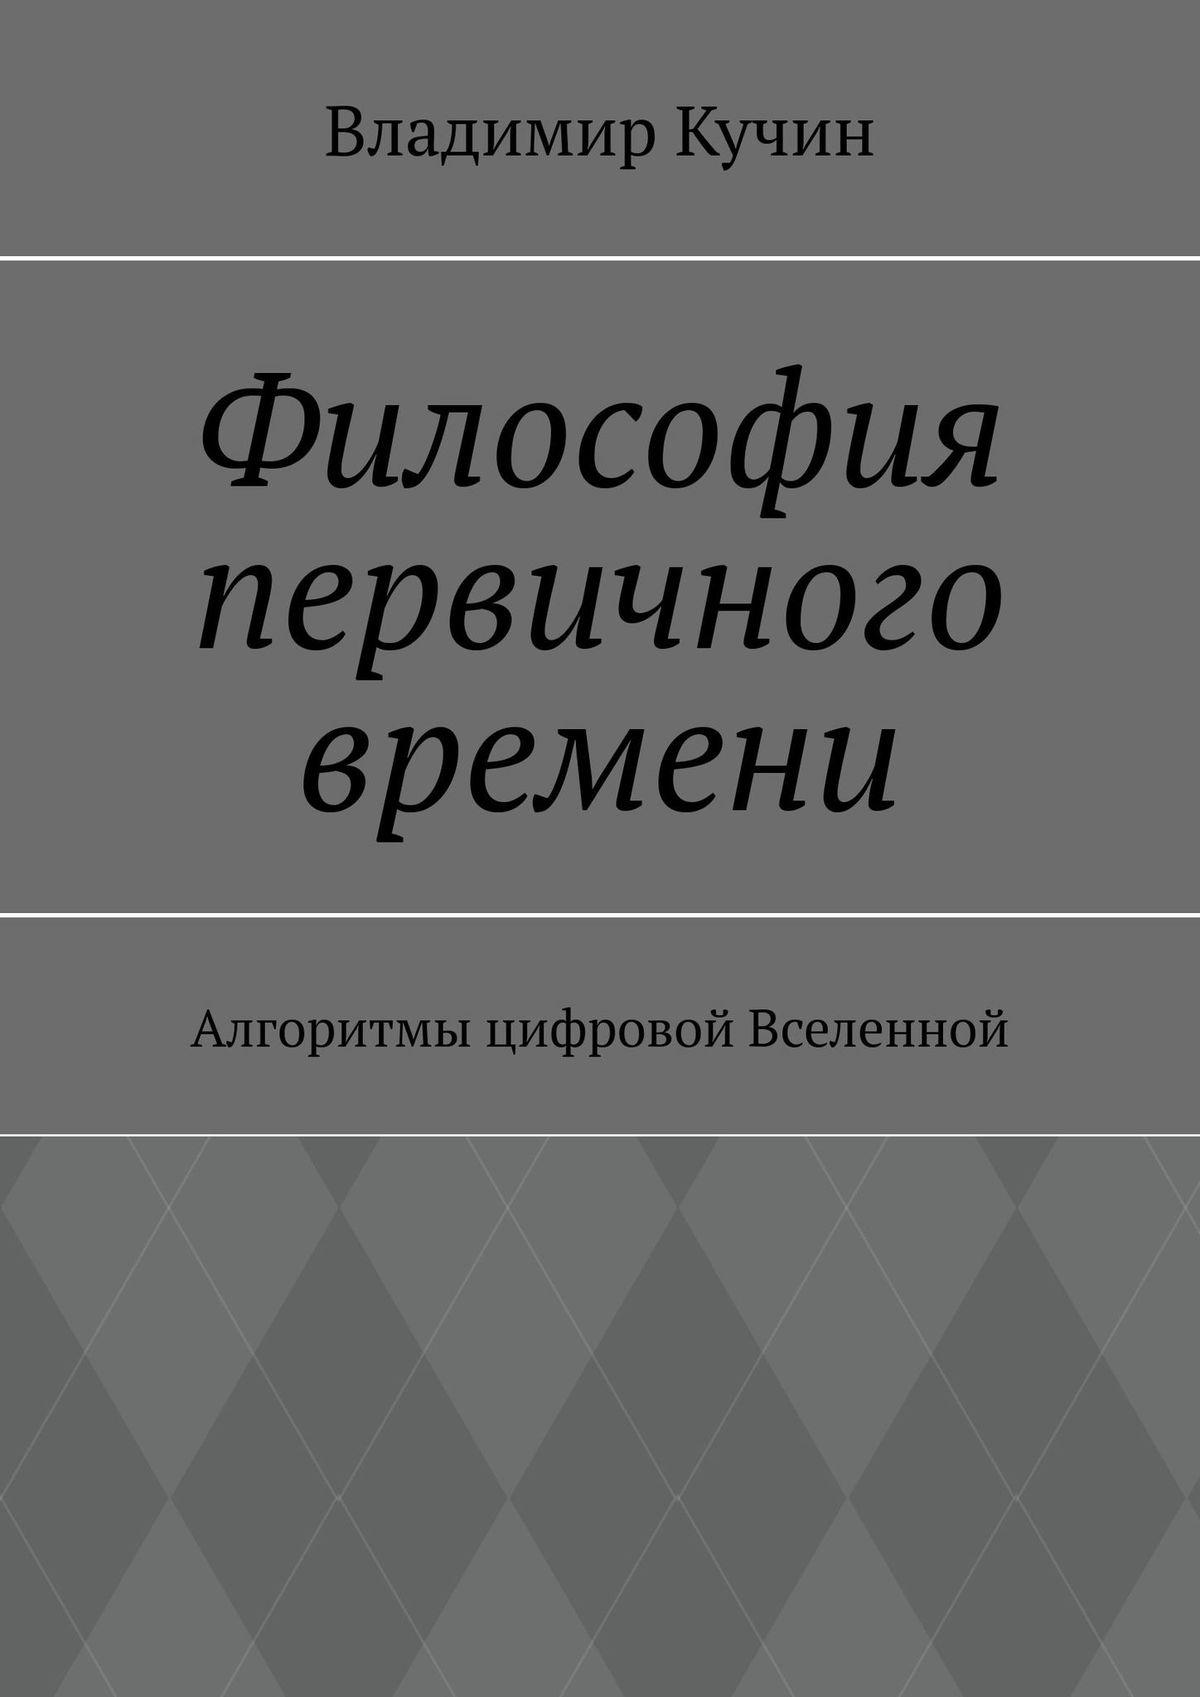 Владимир Кучин Темпералогия– философия первичного времени. Алгоритмы цифровой Вселенной